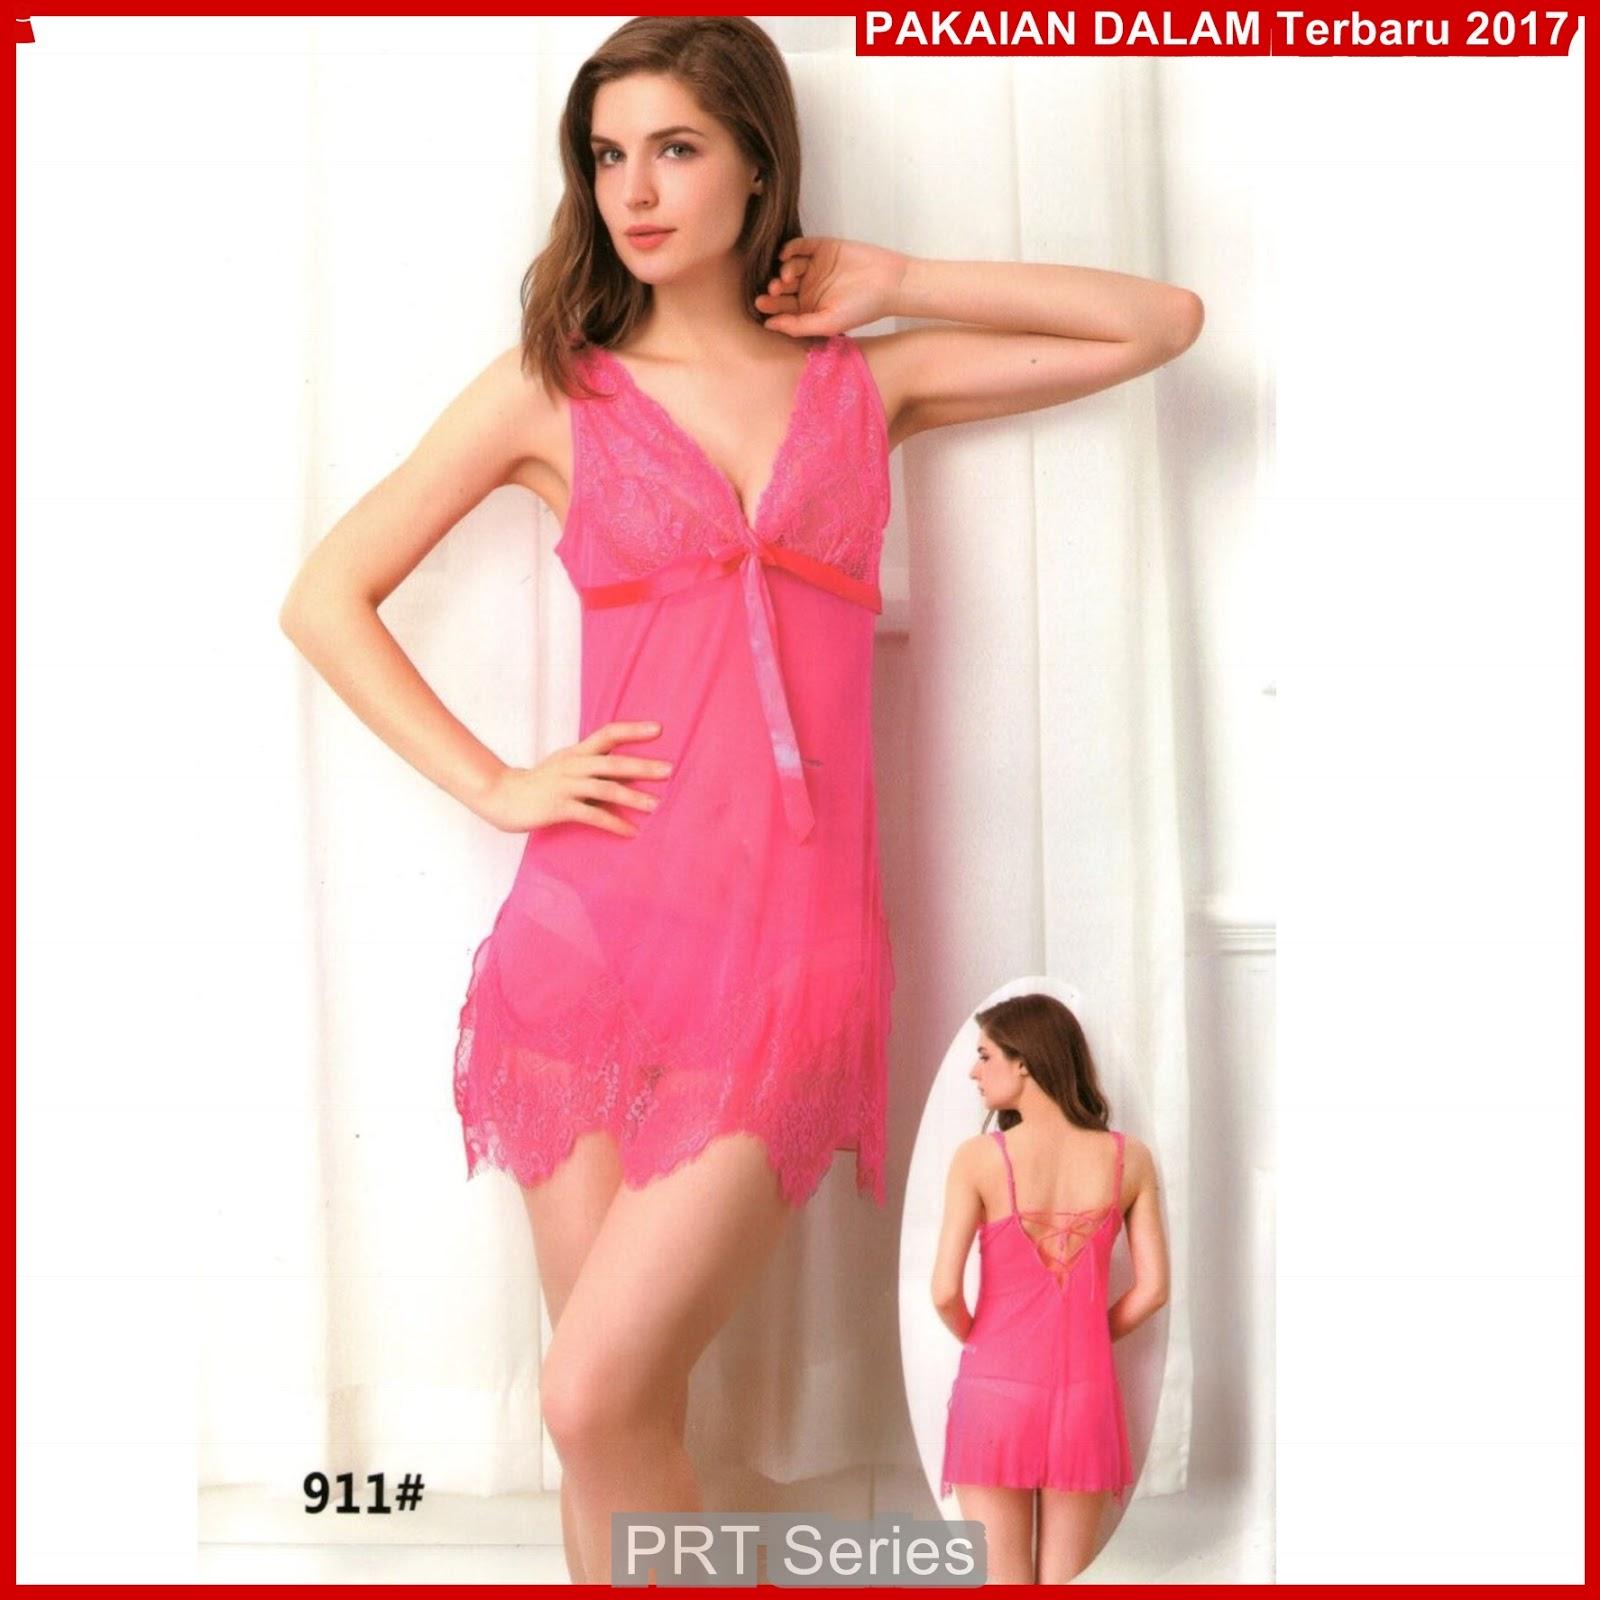 PRT43 Toko Online Pakaian Dalam,!! Wanita Sexy